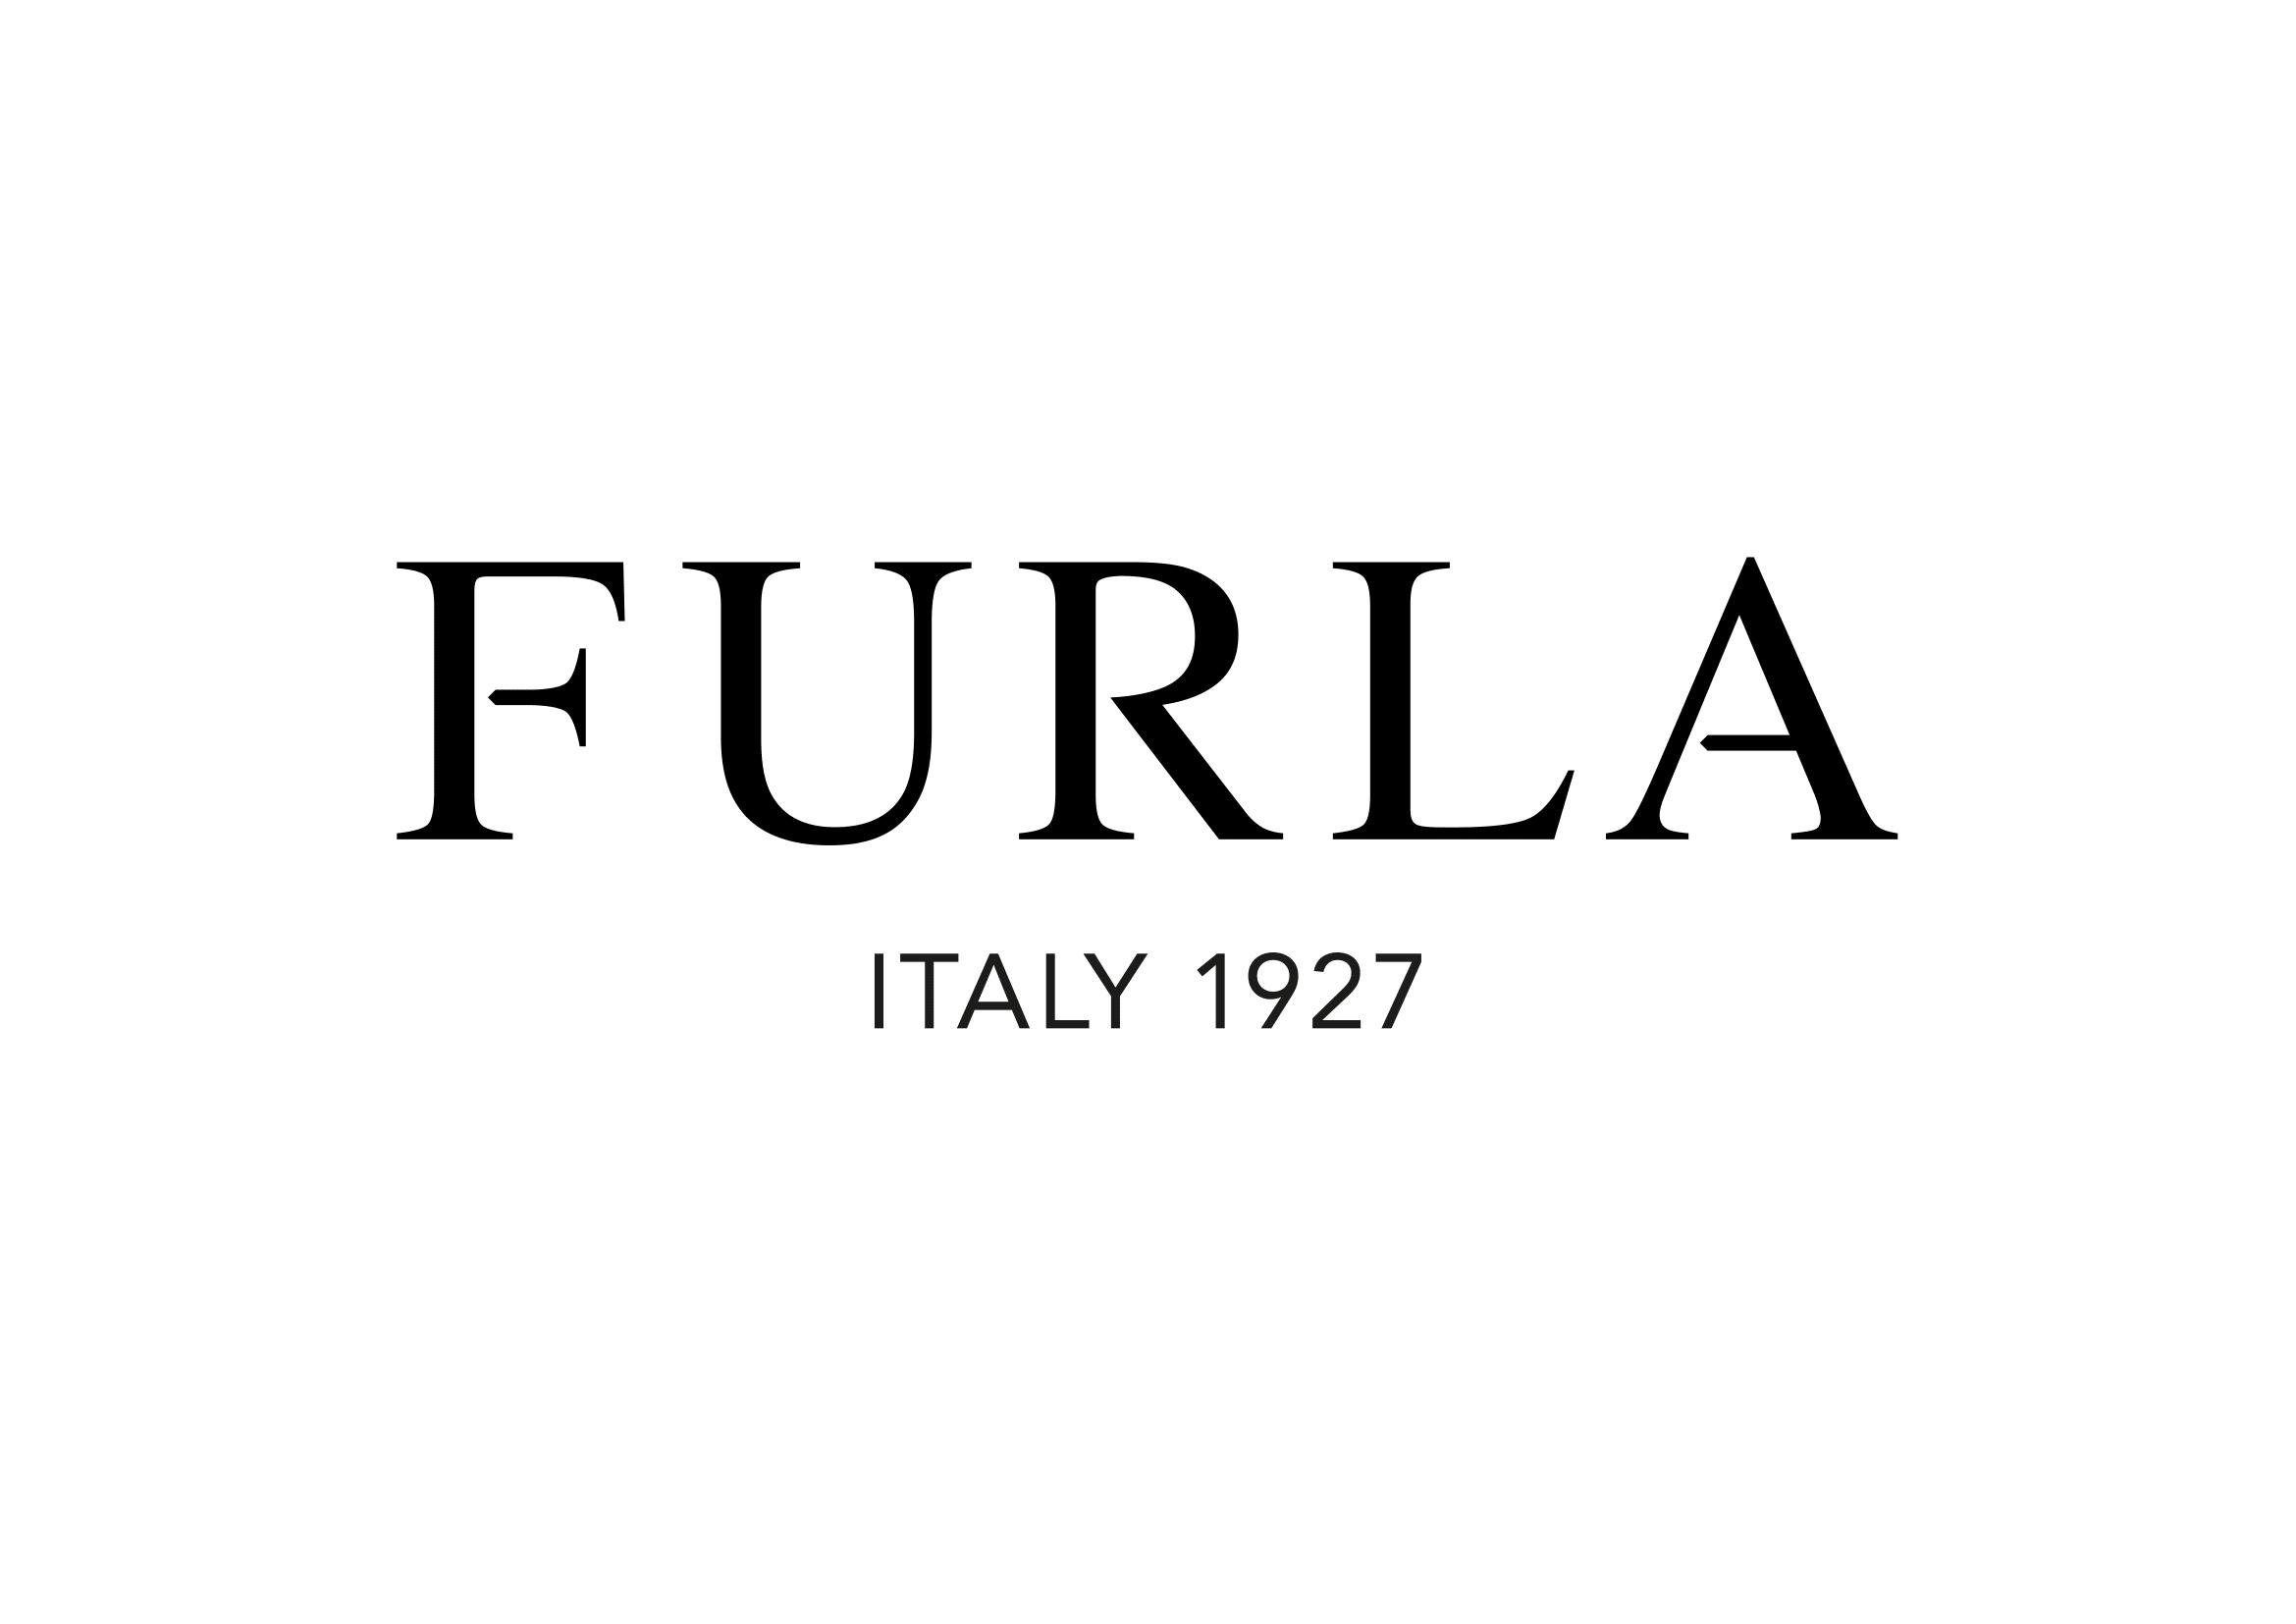 Italienische Premium-Accessoires von Furla in Wertheim Village